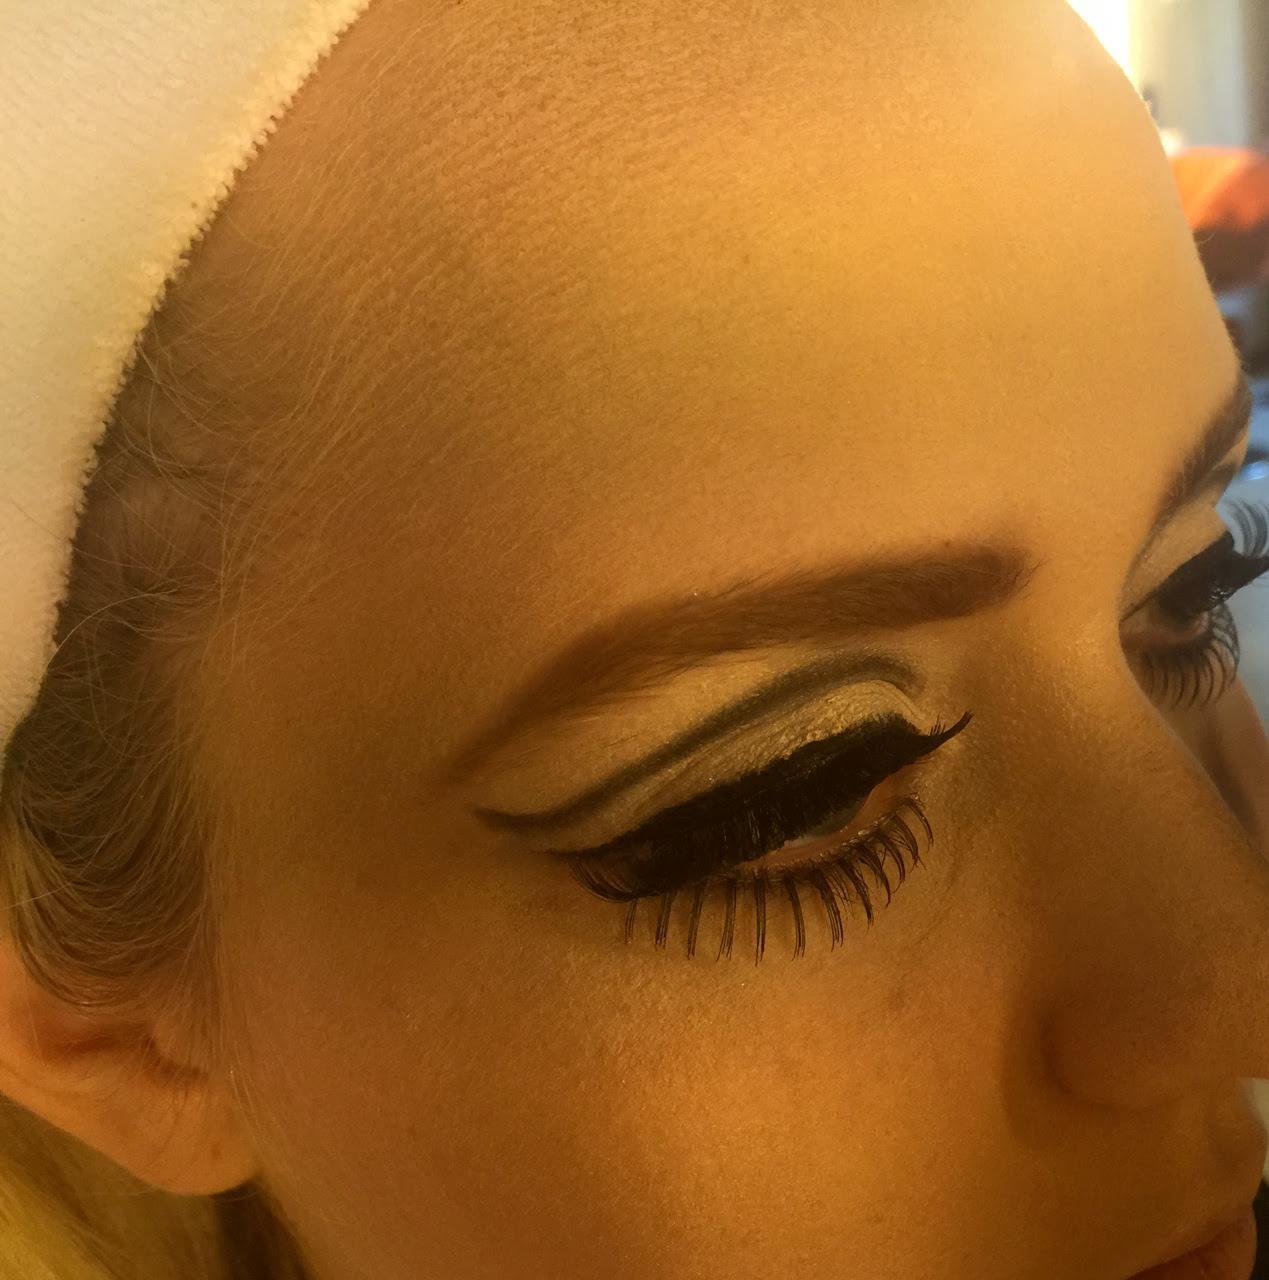 BLOG by Amber: Hoe breng je een eyeliner goed aan? Want zodra ik daar mee begin zit 't na afloop over mijn hele oog.